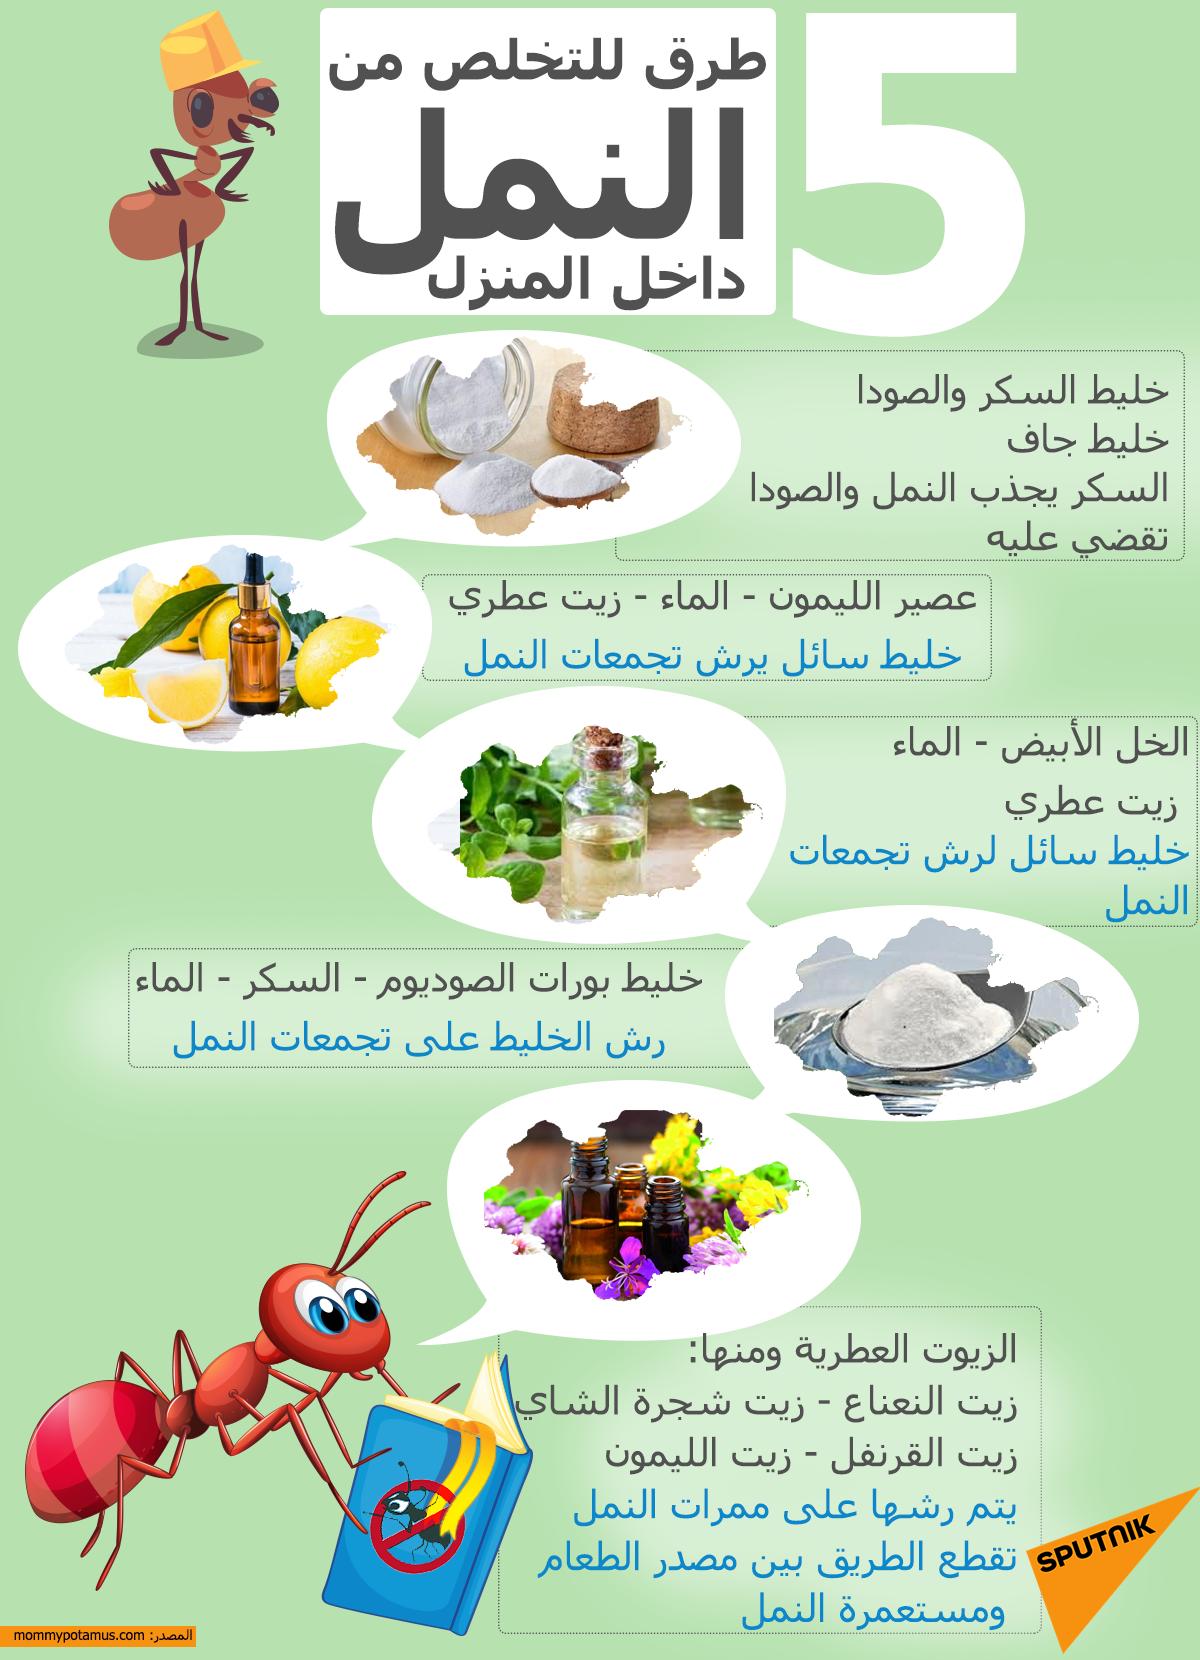 5 طرق للتخلص من النمل داخل المنزل